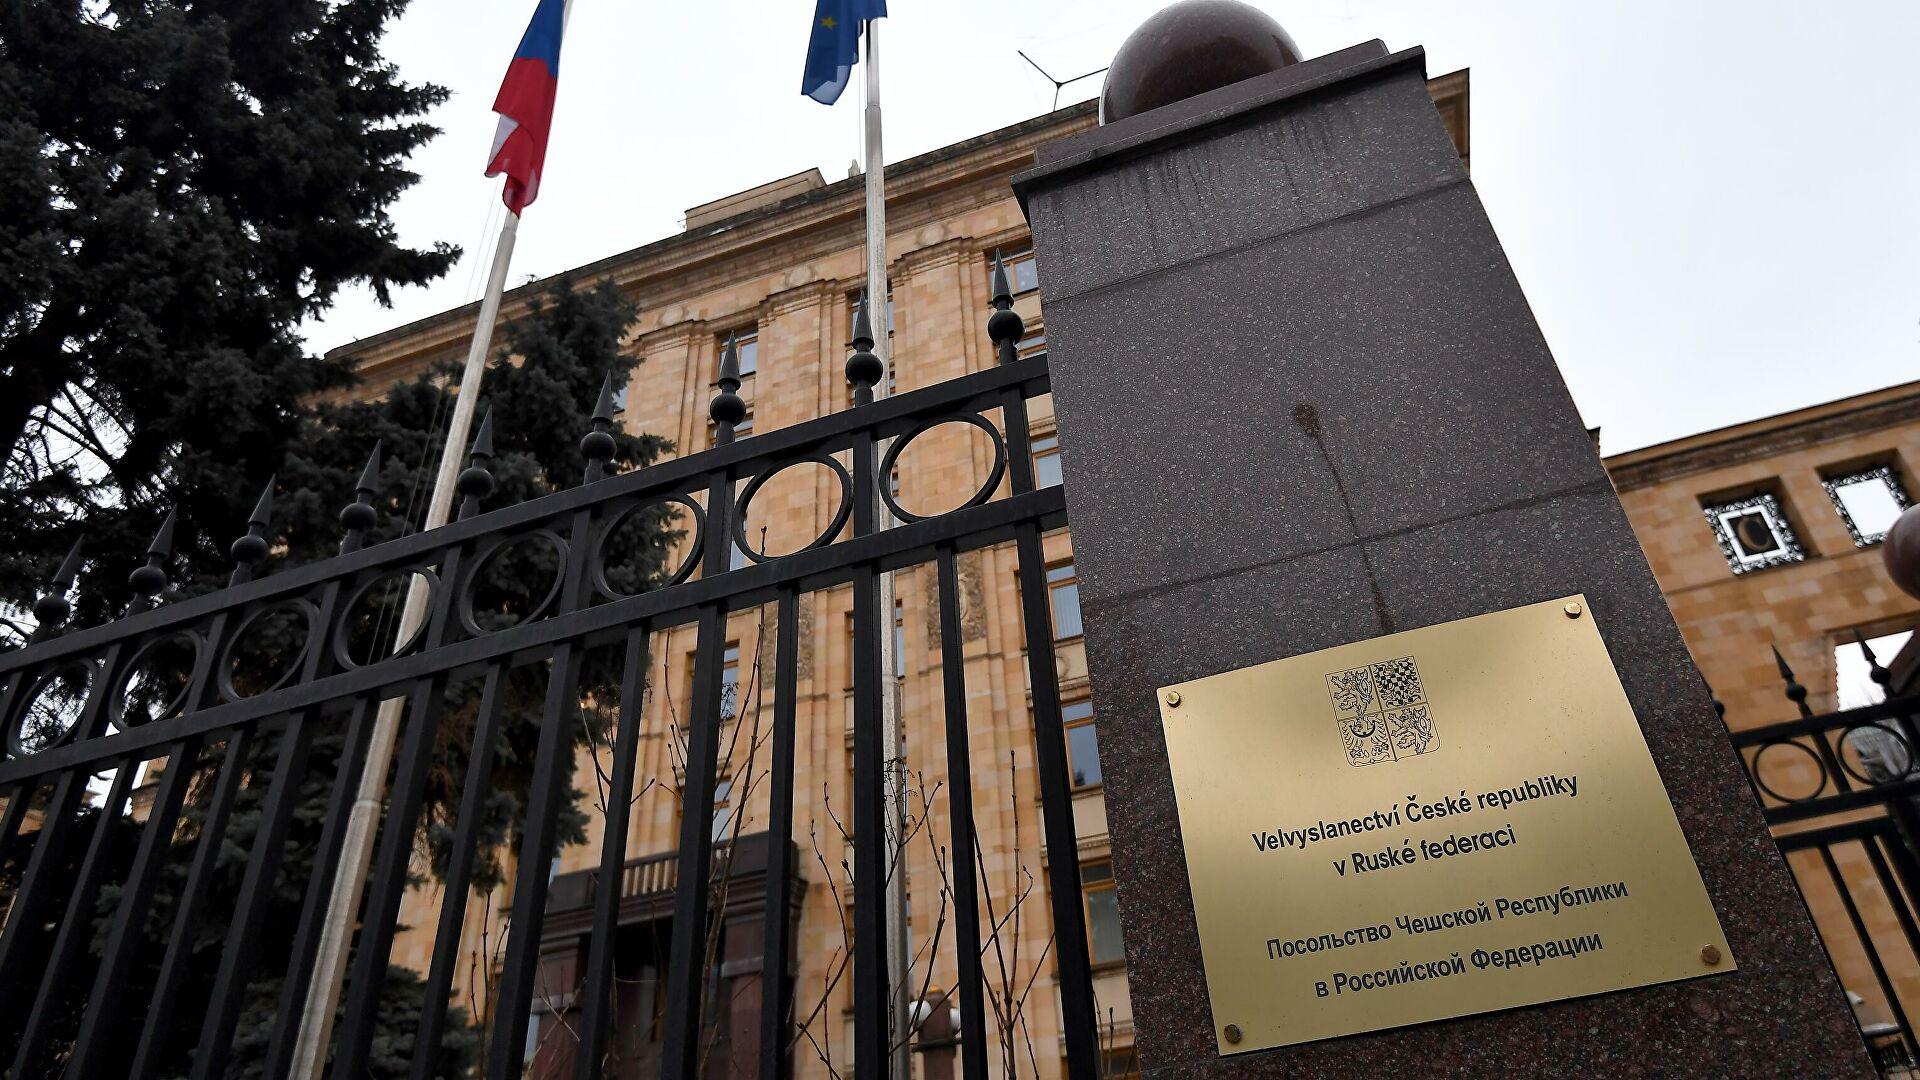 Чешка позвала савезнике да протерају руске дипломате